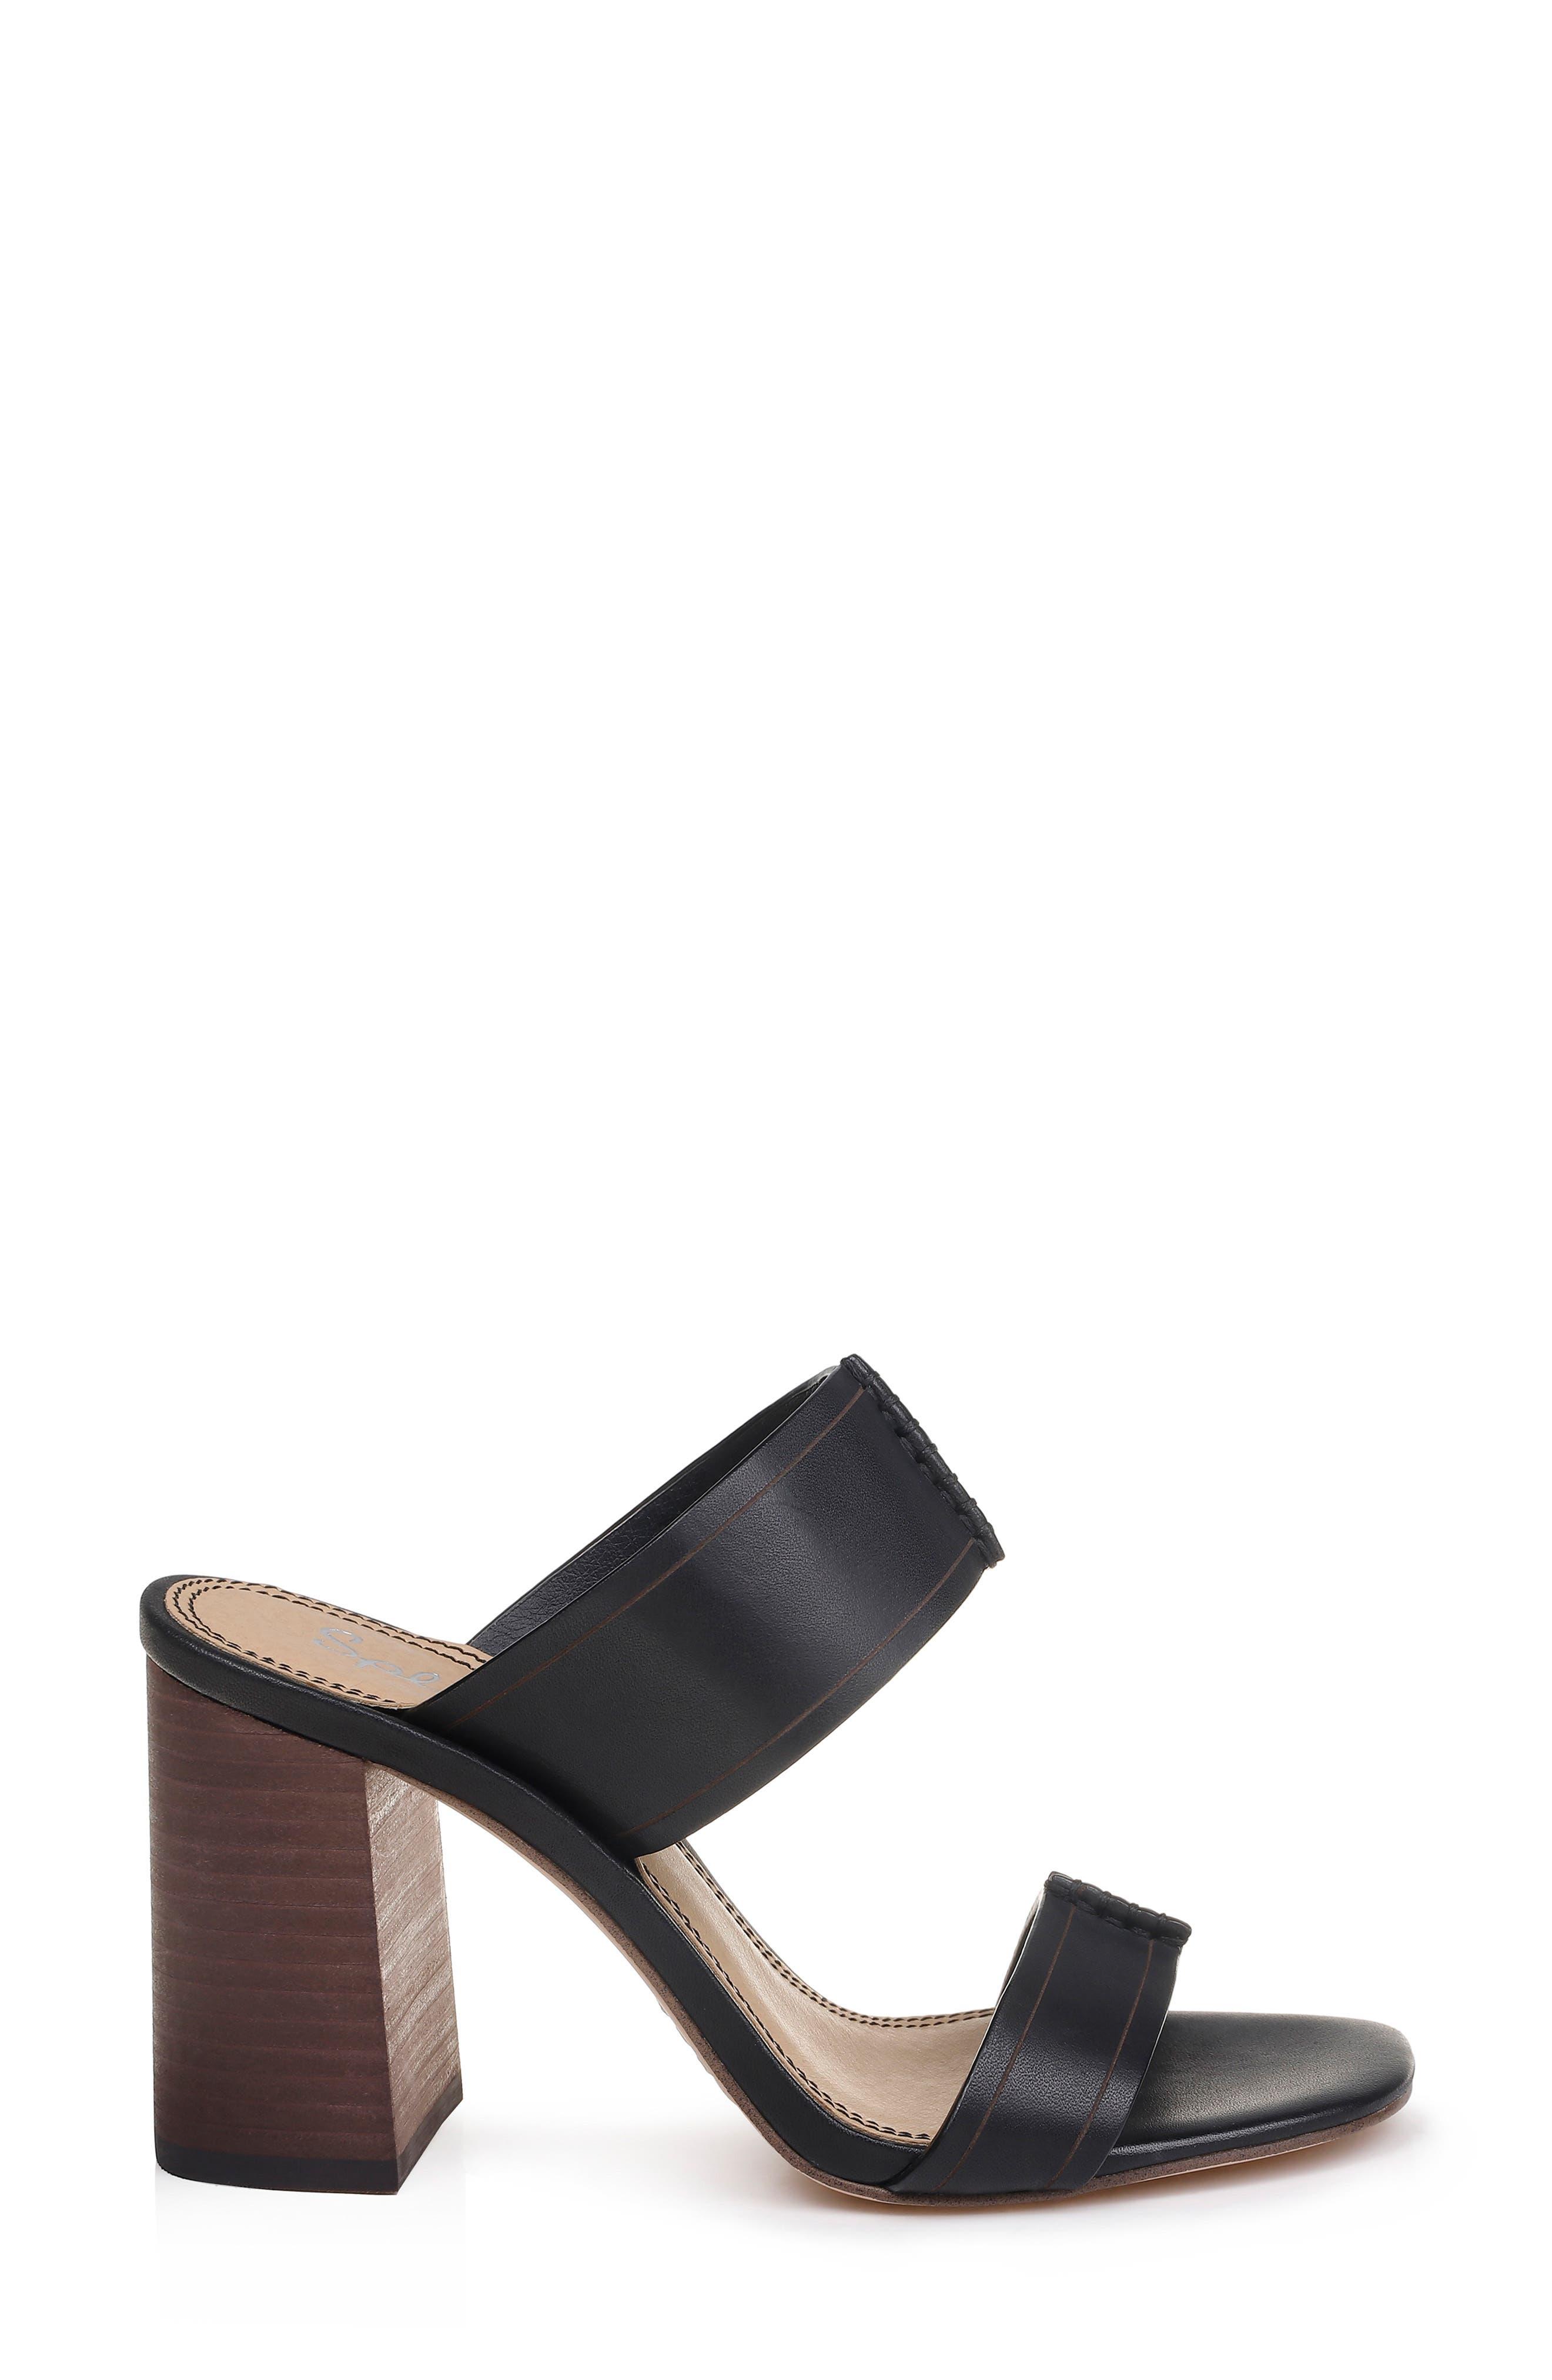 SPLENDID, Tacy Slide Sandal, Alternate thumbnail 3, color, BLACK LEATHER